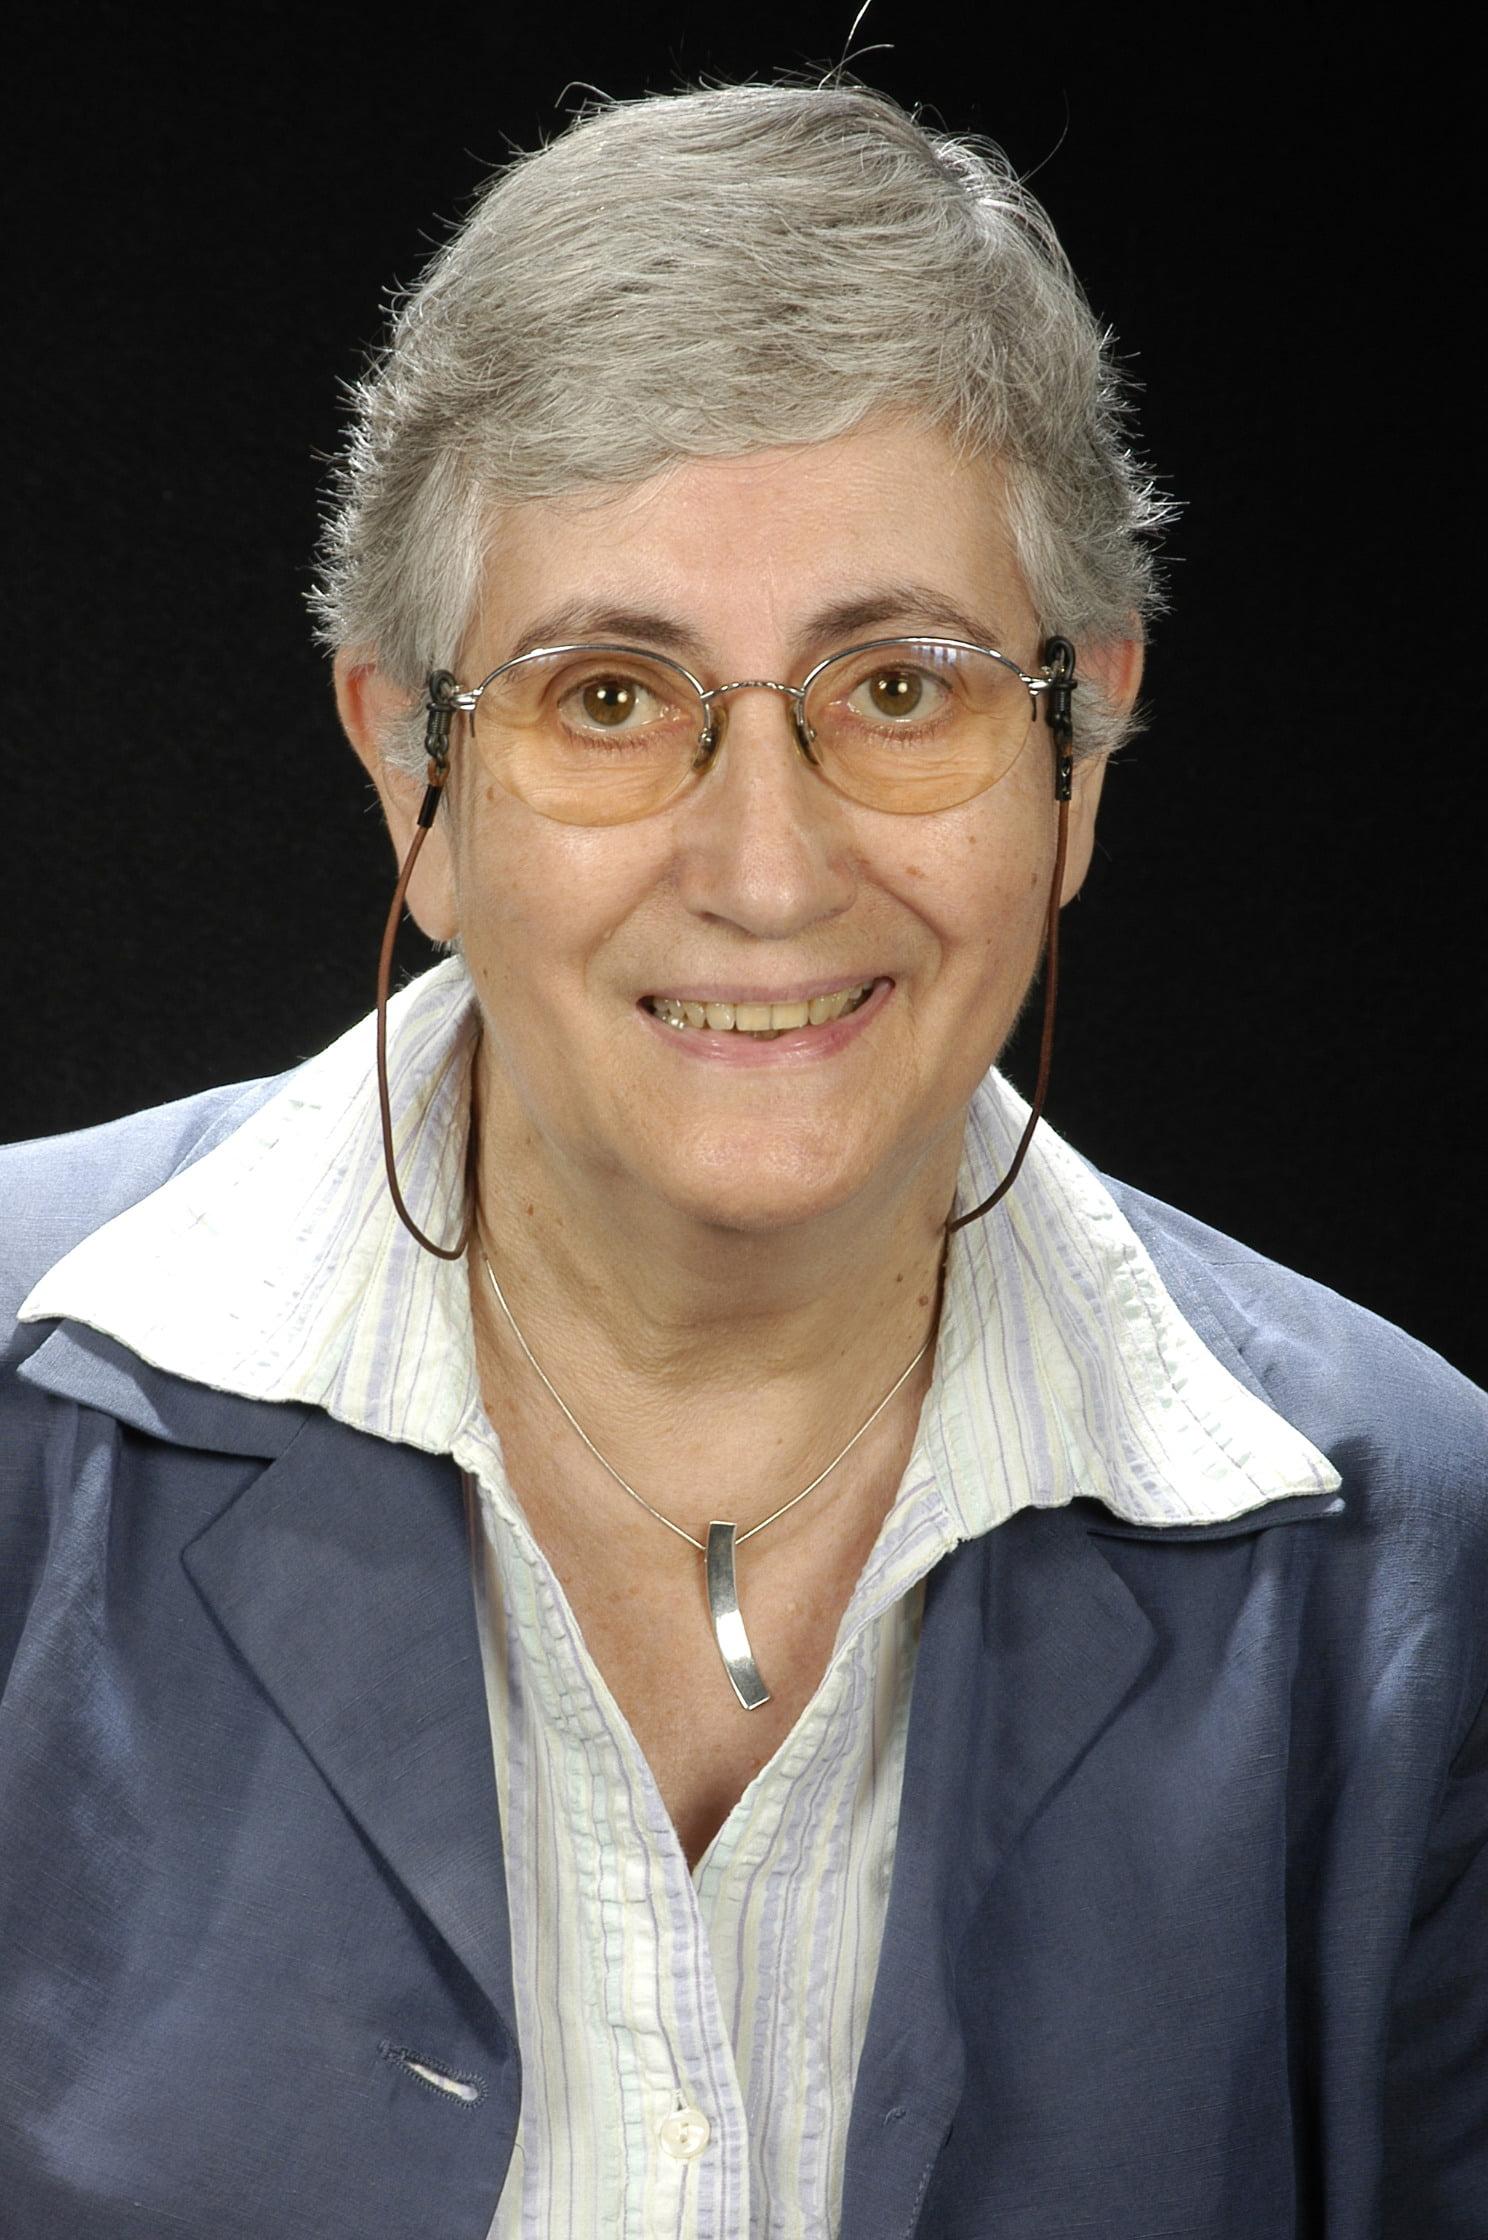 Dra. Carme Angel Ferrer